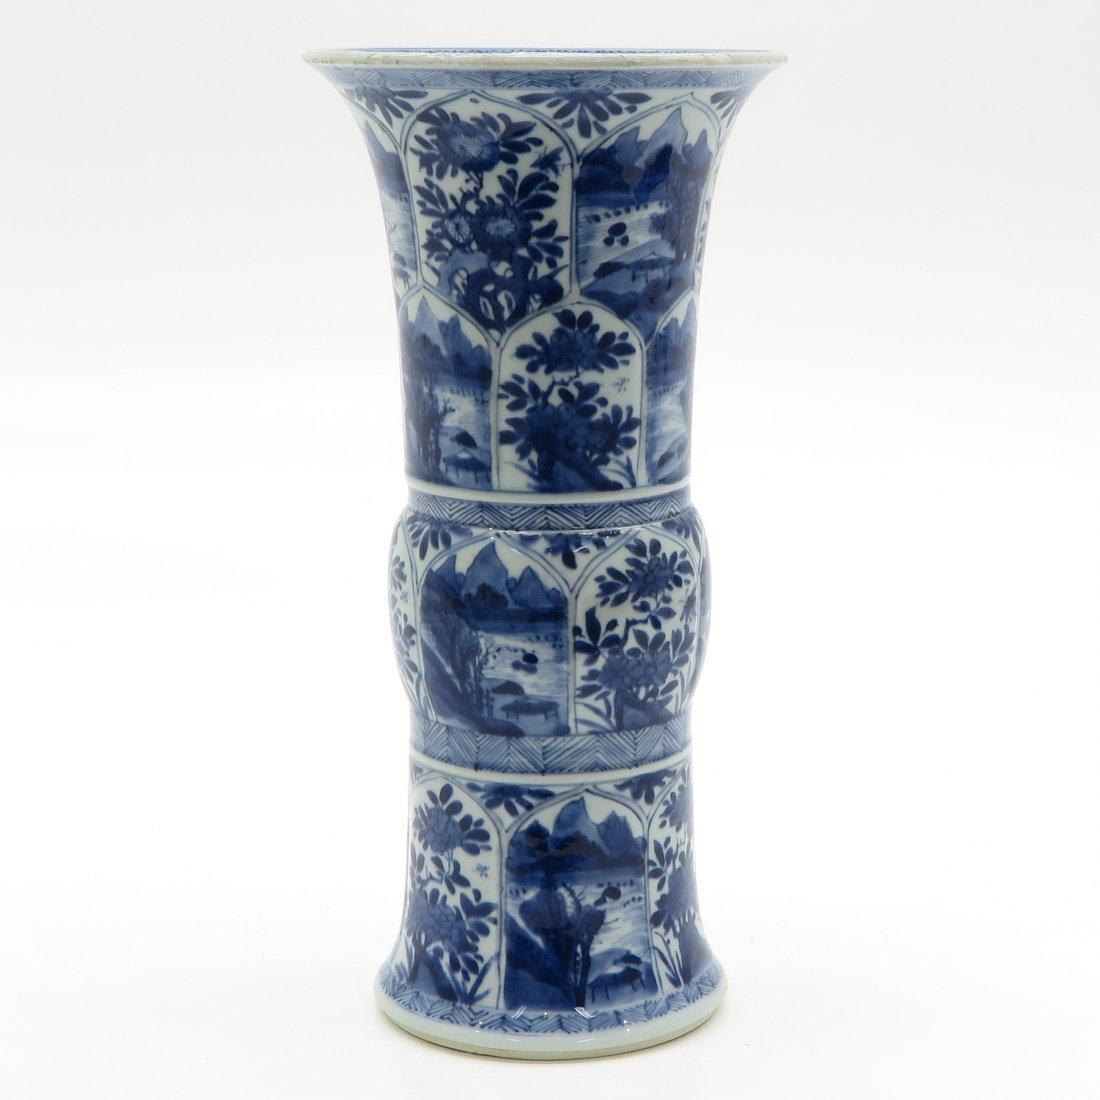 China Porcelain Kangxi Period Vase - 4